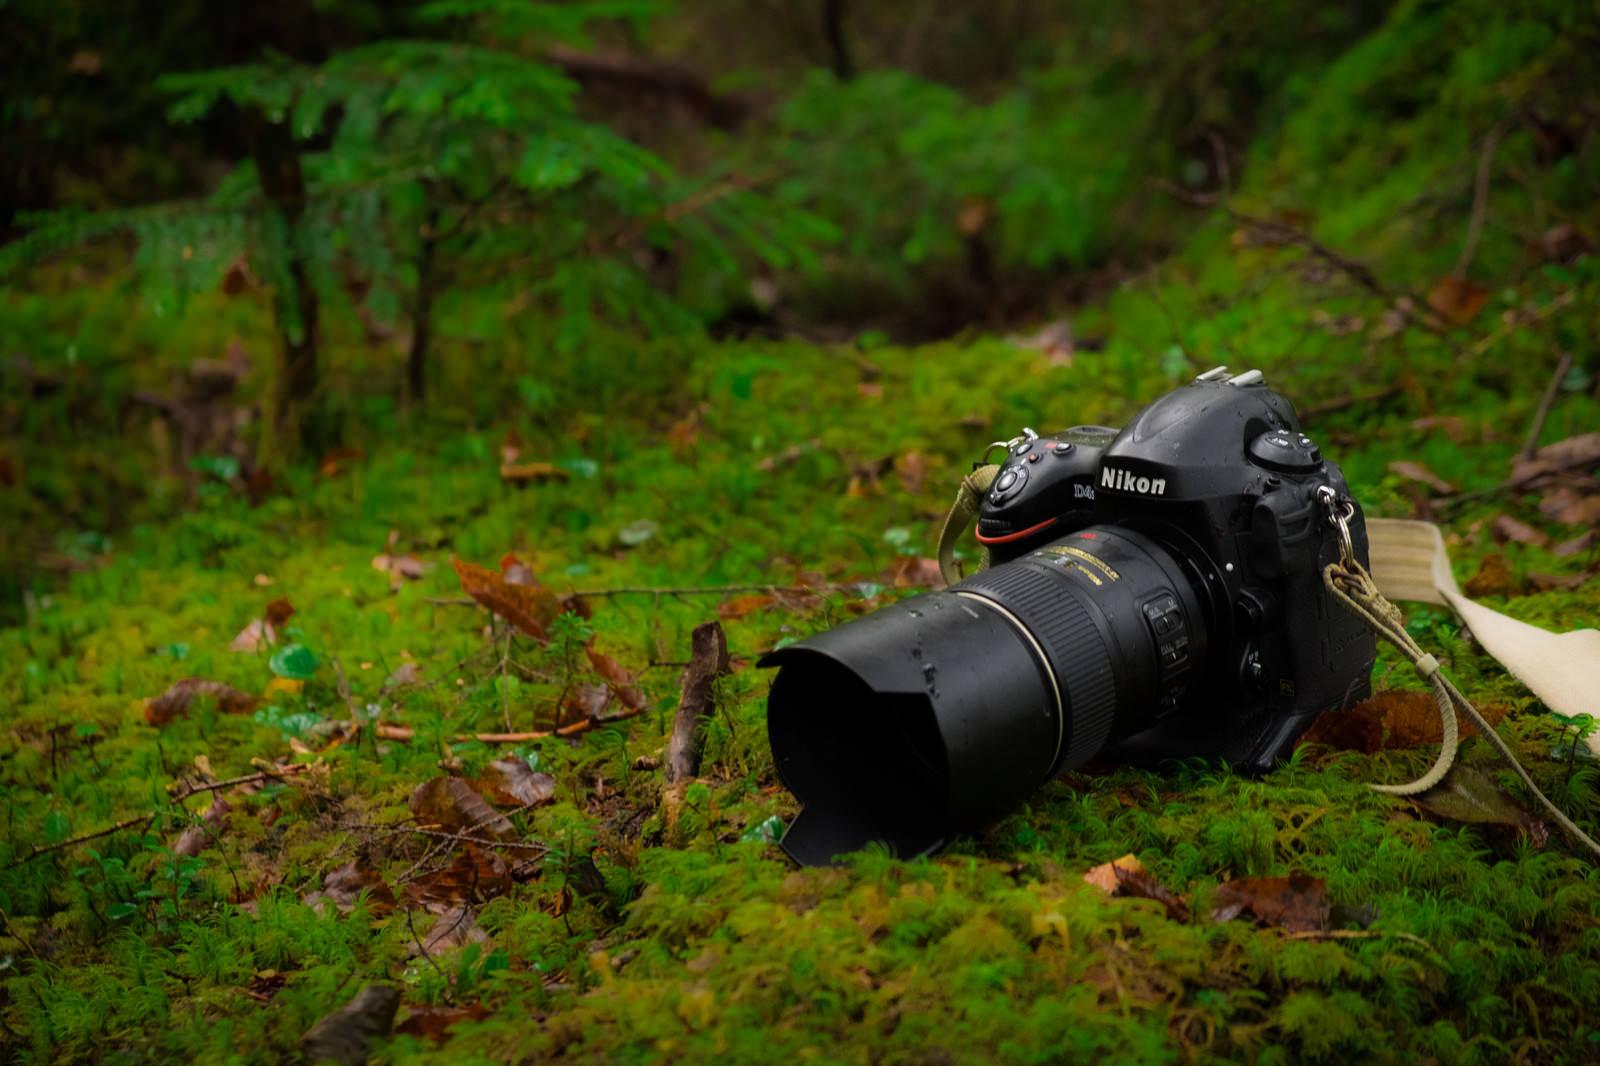 「ネイチャー撮影するフルサイズ一眼レフカメラ」の写真